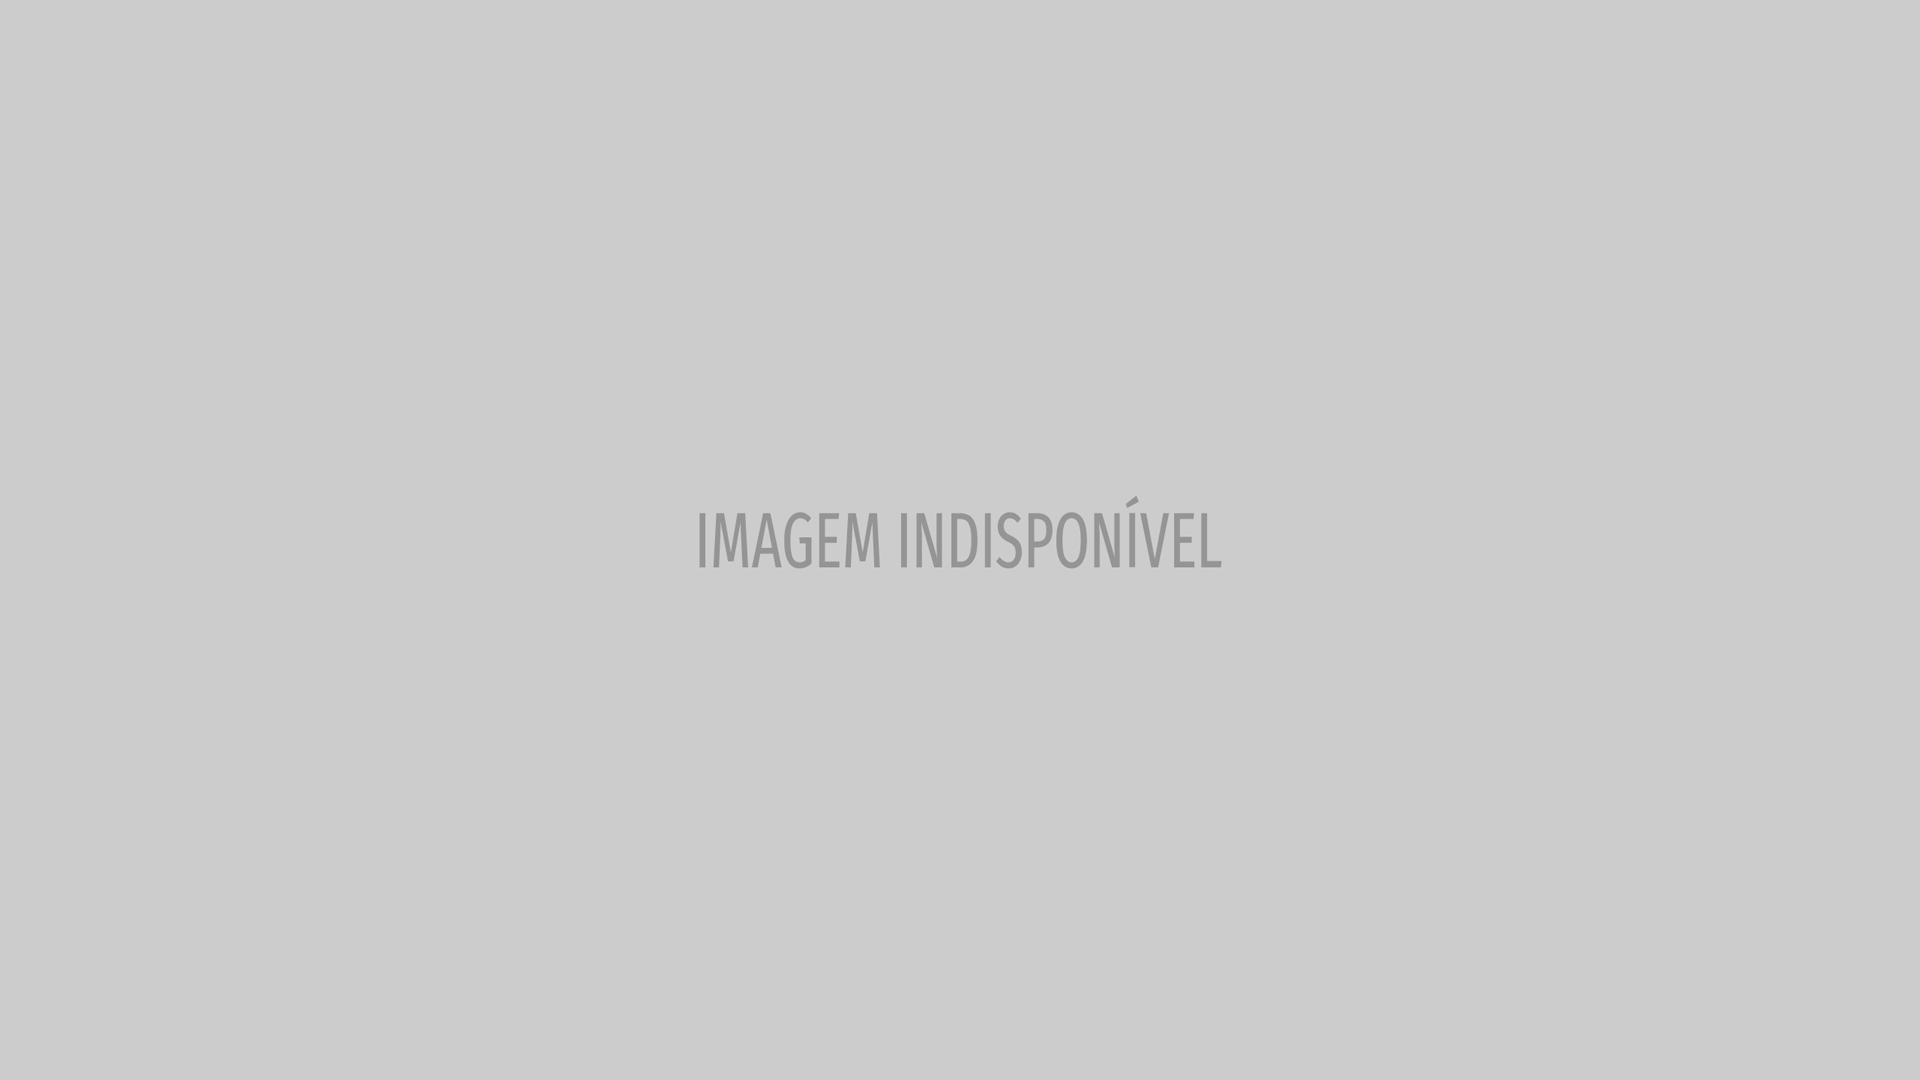 Filho de Bárbara Borges desmaia e atriz se desespera: 'Chorei muito'